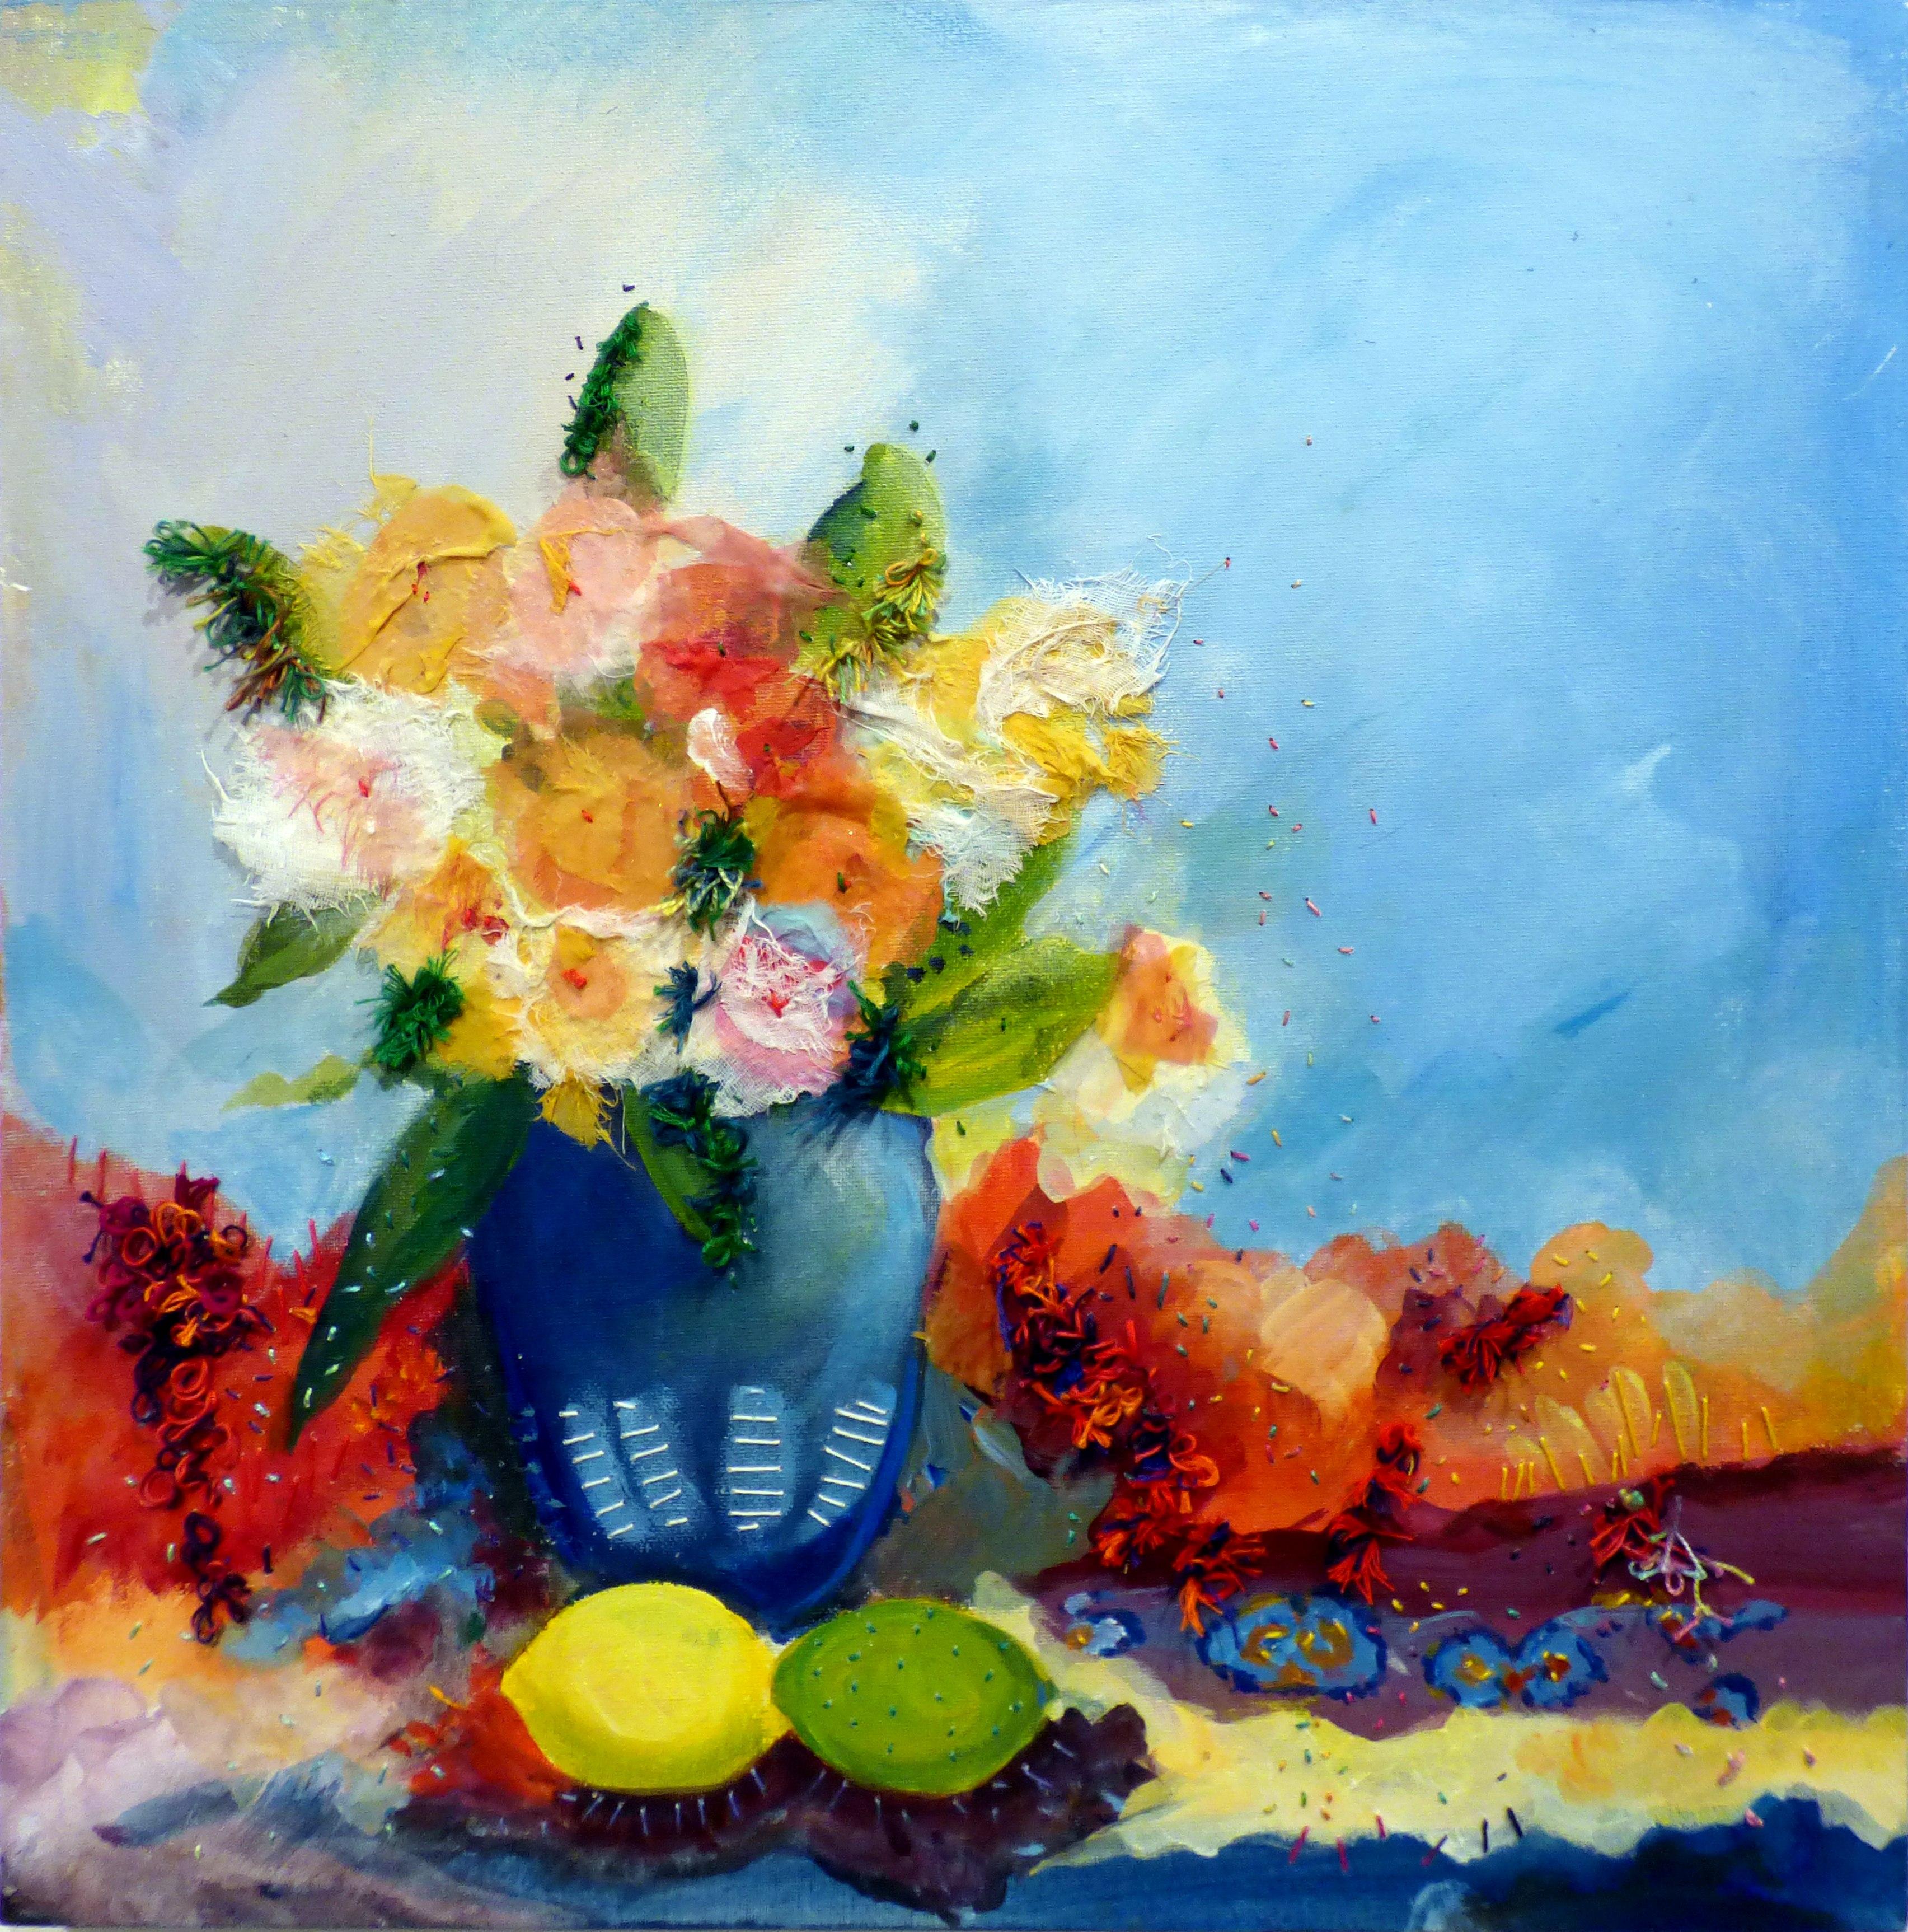 FLOWERS IN A POT by Liliane Taylor, Ten Plus exhibition, Nantwich